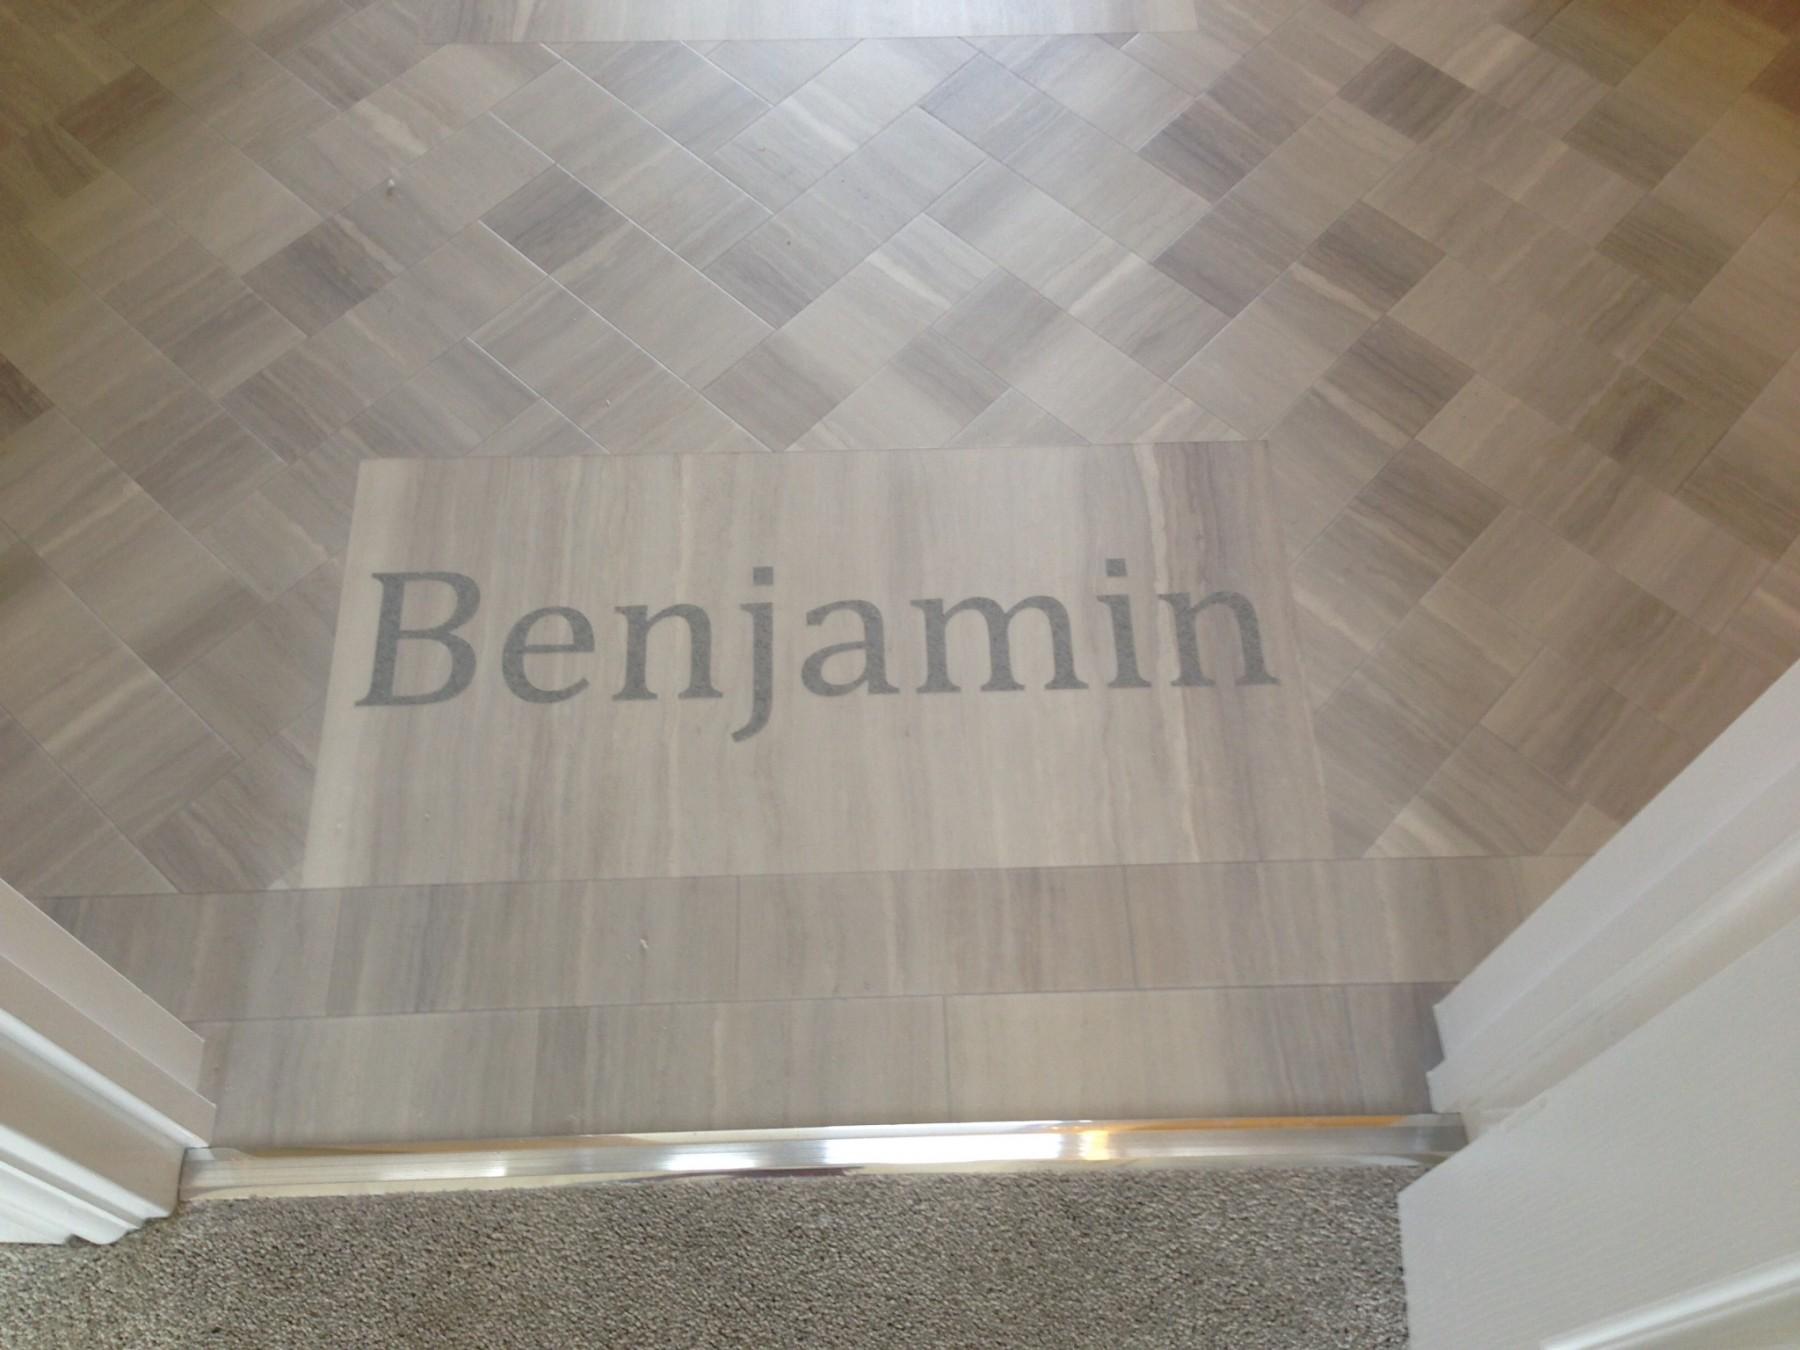 Wooden flooring with Benjamin overlayed